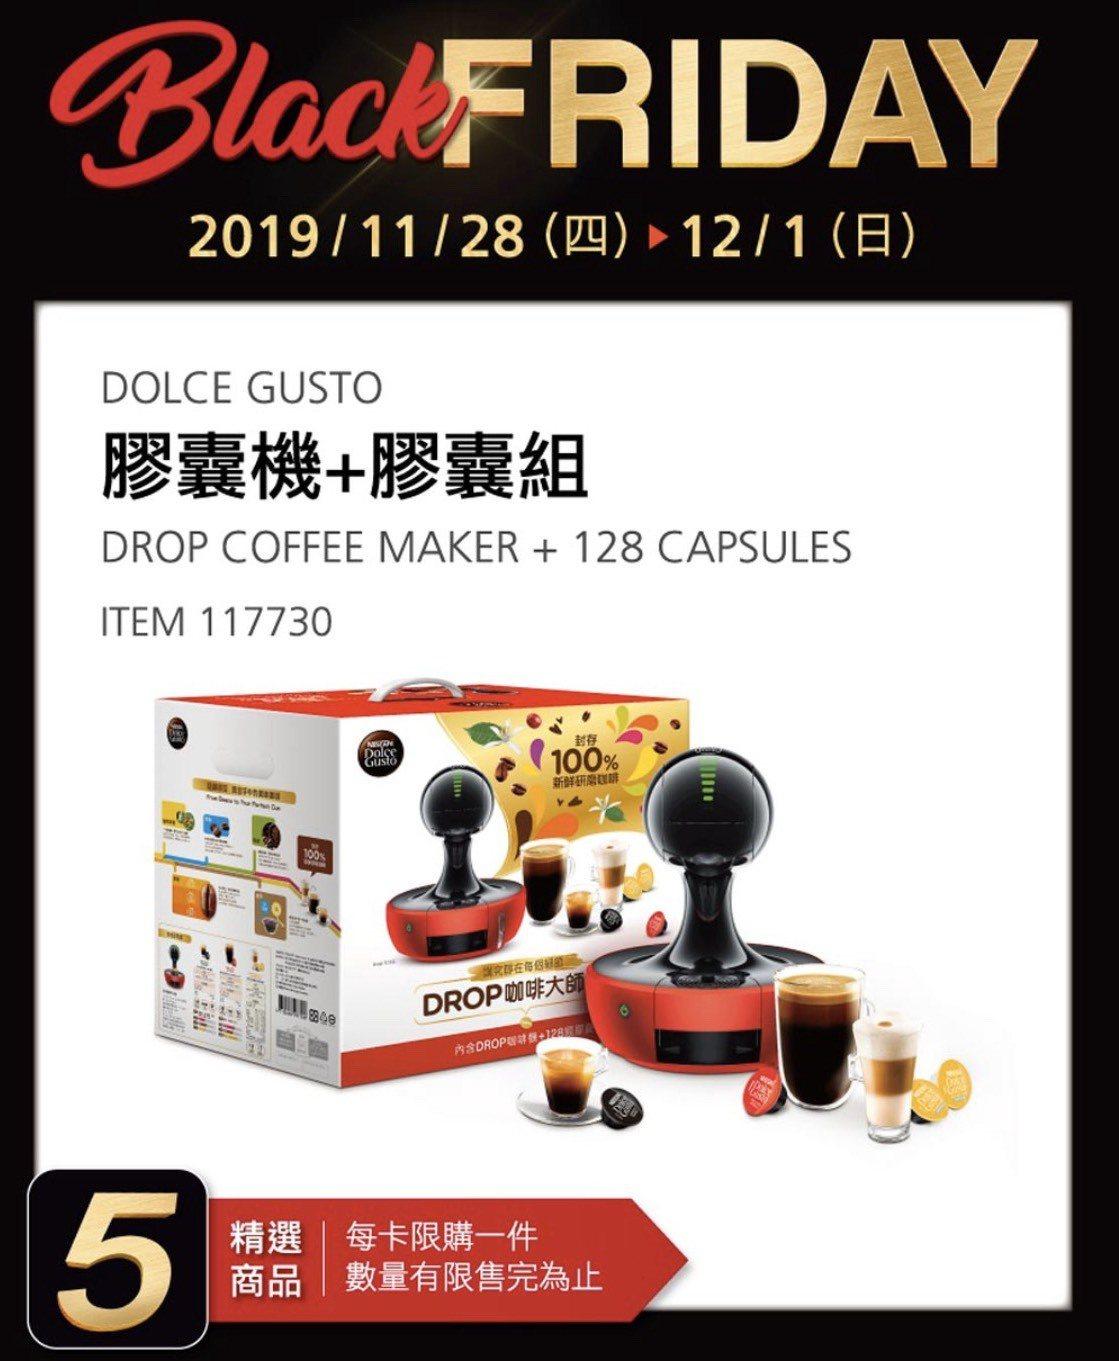 咖啡迷最愛「DOLCE GUSTO 膠囊機+膠囊組」。圖/擷自好市多官方APP